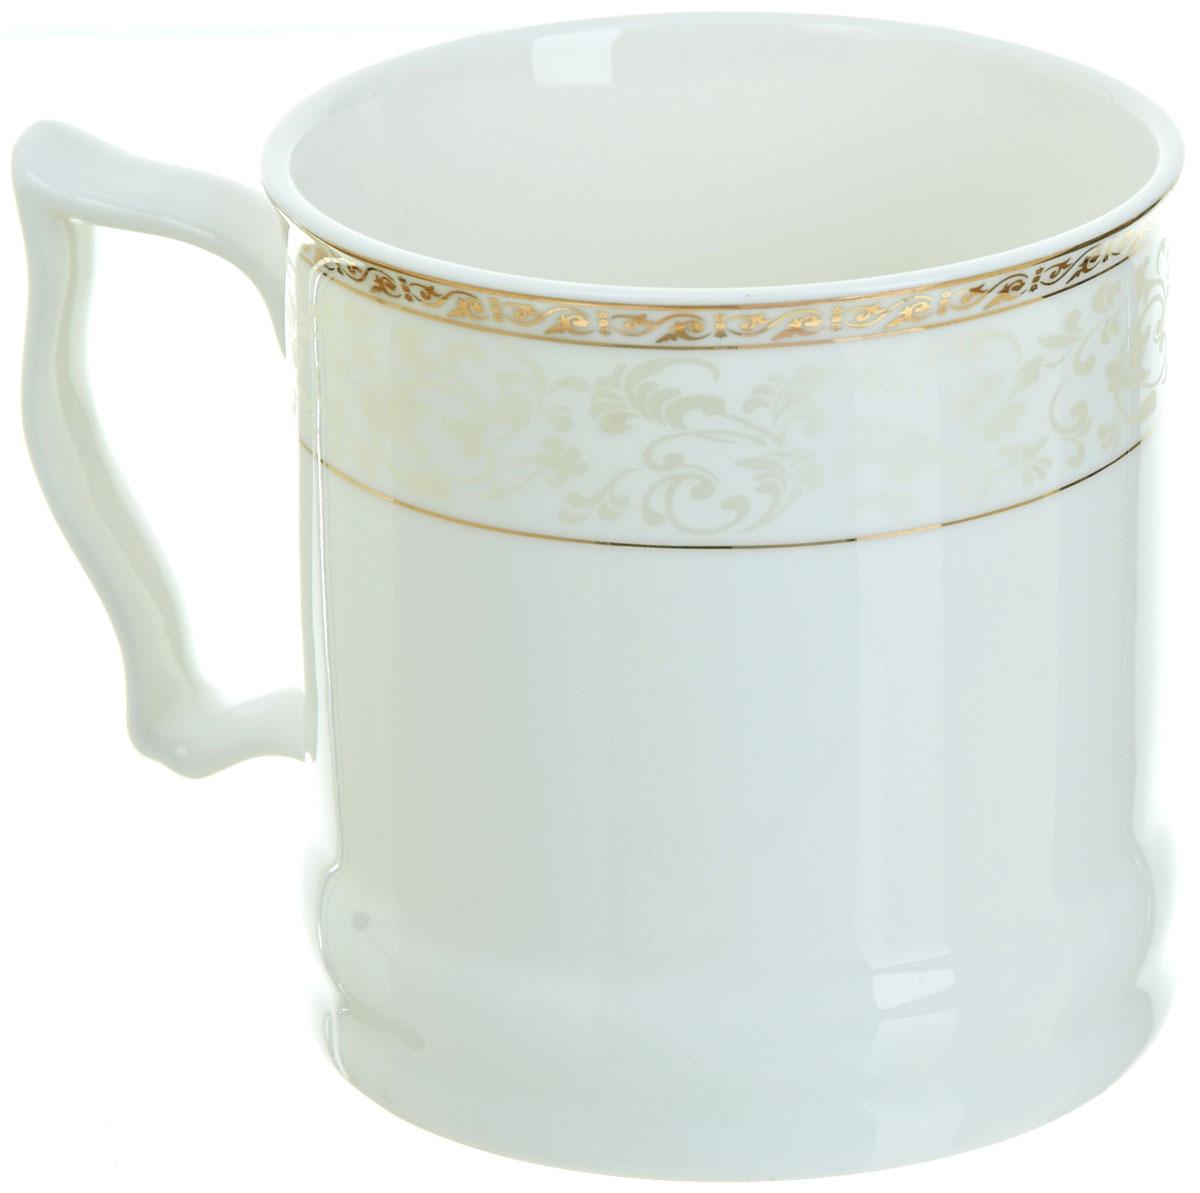 Кружка BHP Королевская кружка, 500 мл. M1870004M1870004Оригинальная кружка Best Home Porcelain, выполненная из высококачественного фарфора, сочетает в себе простой, утонченный дизайн с максимальной функциональностью. Оригинальность оформления придутся по вкусу тем, кто ценит индивидуальность. В комплект входит кружка. Можно использовать в ПММ.